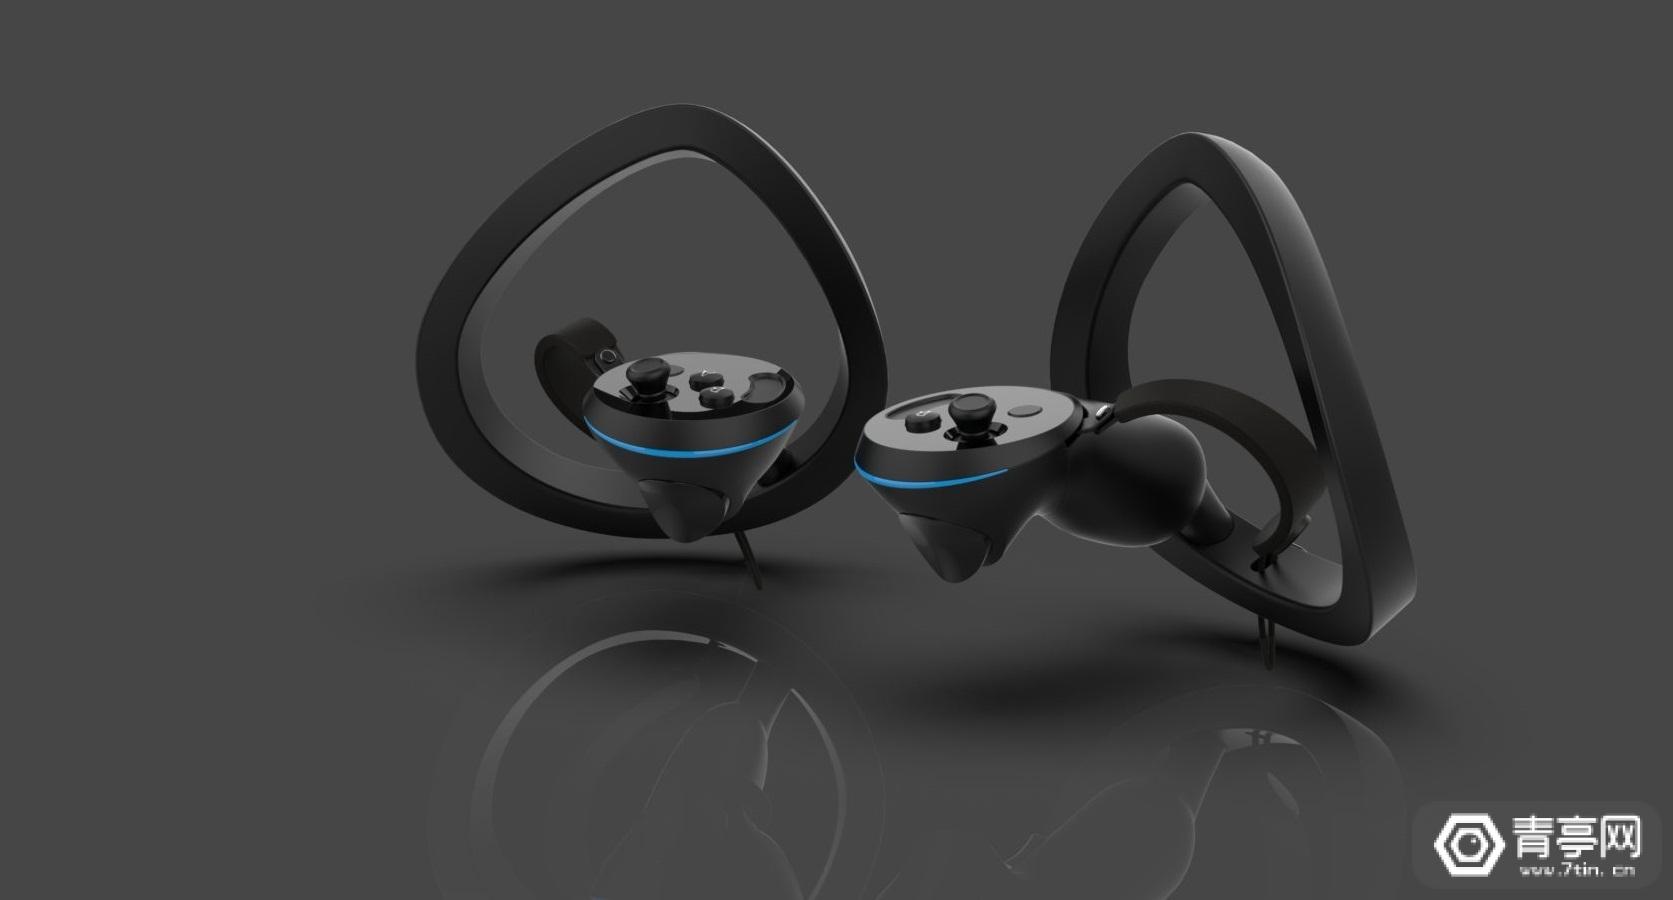 摇杆/触控板双版本,小派发布VR手柄Sword